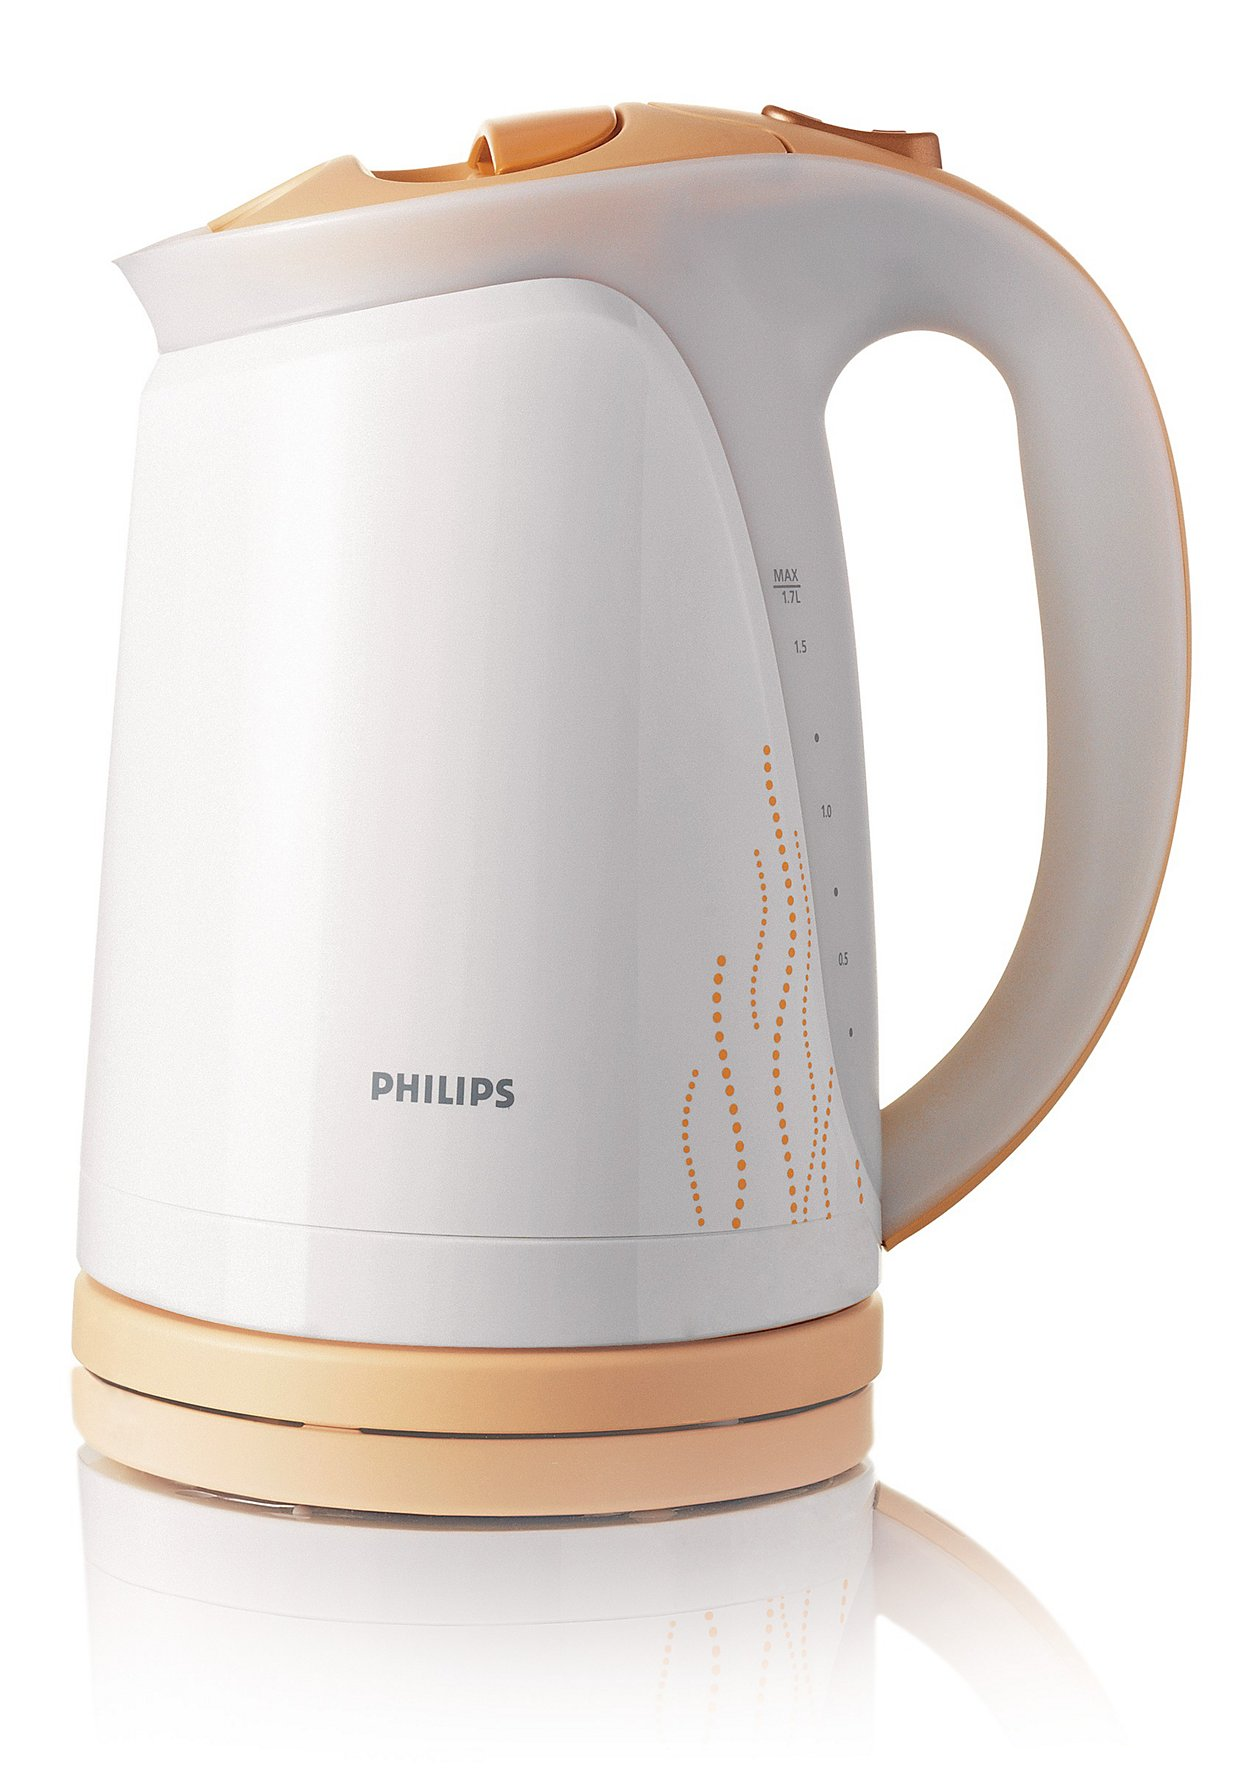 Чайник Philips HD 4681/55Чайники и термопоты<br><br><br>Тип   : Электрочайник<br>Объем, л  : 1.7<br>Мощность, Вт  : 2400<br>Тип нагревательного элемента: Закрытая спираль<br>Покрытие нагревательного элемента  : Нержавеющая сталь<br>Материал корпуса  : пластик<br>Индикация включения  : Есть<br>Индикатор уровня воды  : Есть<br>Блокировка крышки  : Есть<br>Фильтр  : Есть